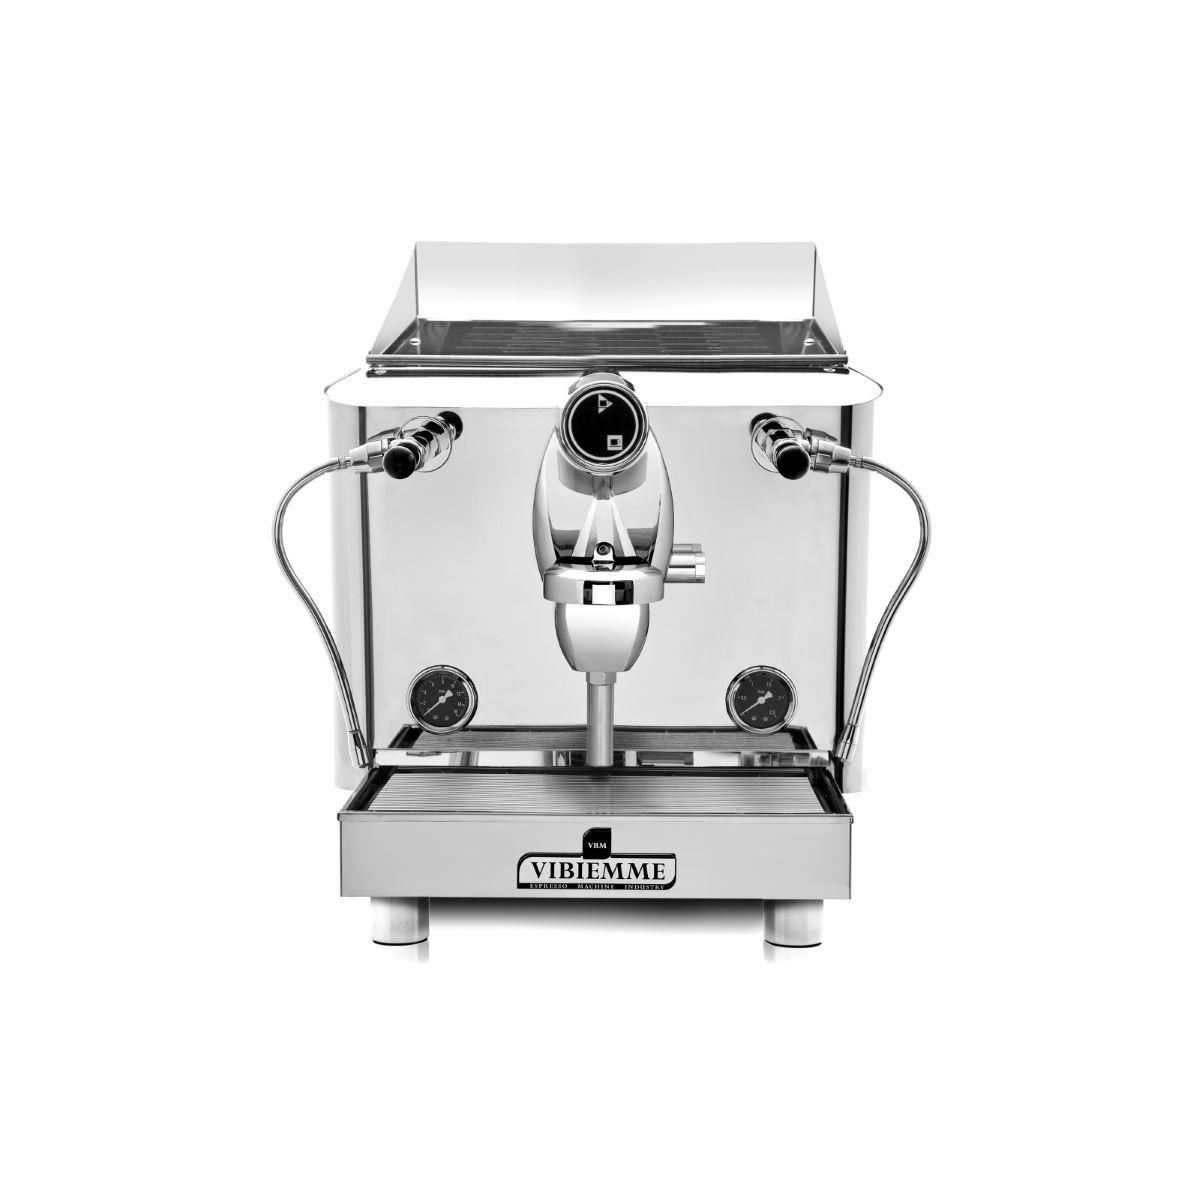 Espressor profesional Vibiemme Lollo Semiautomatica, 1 grup